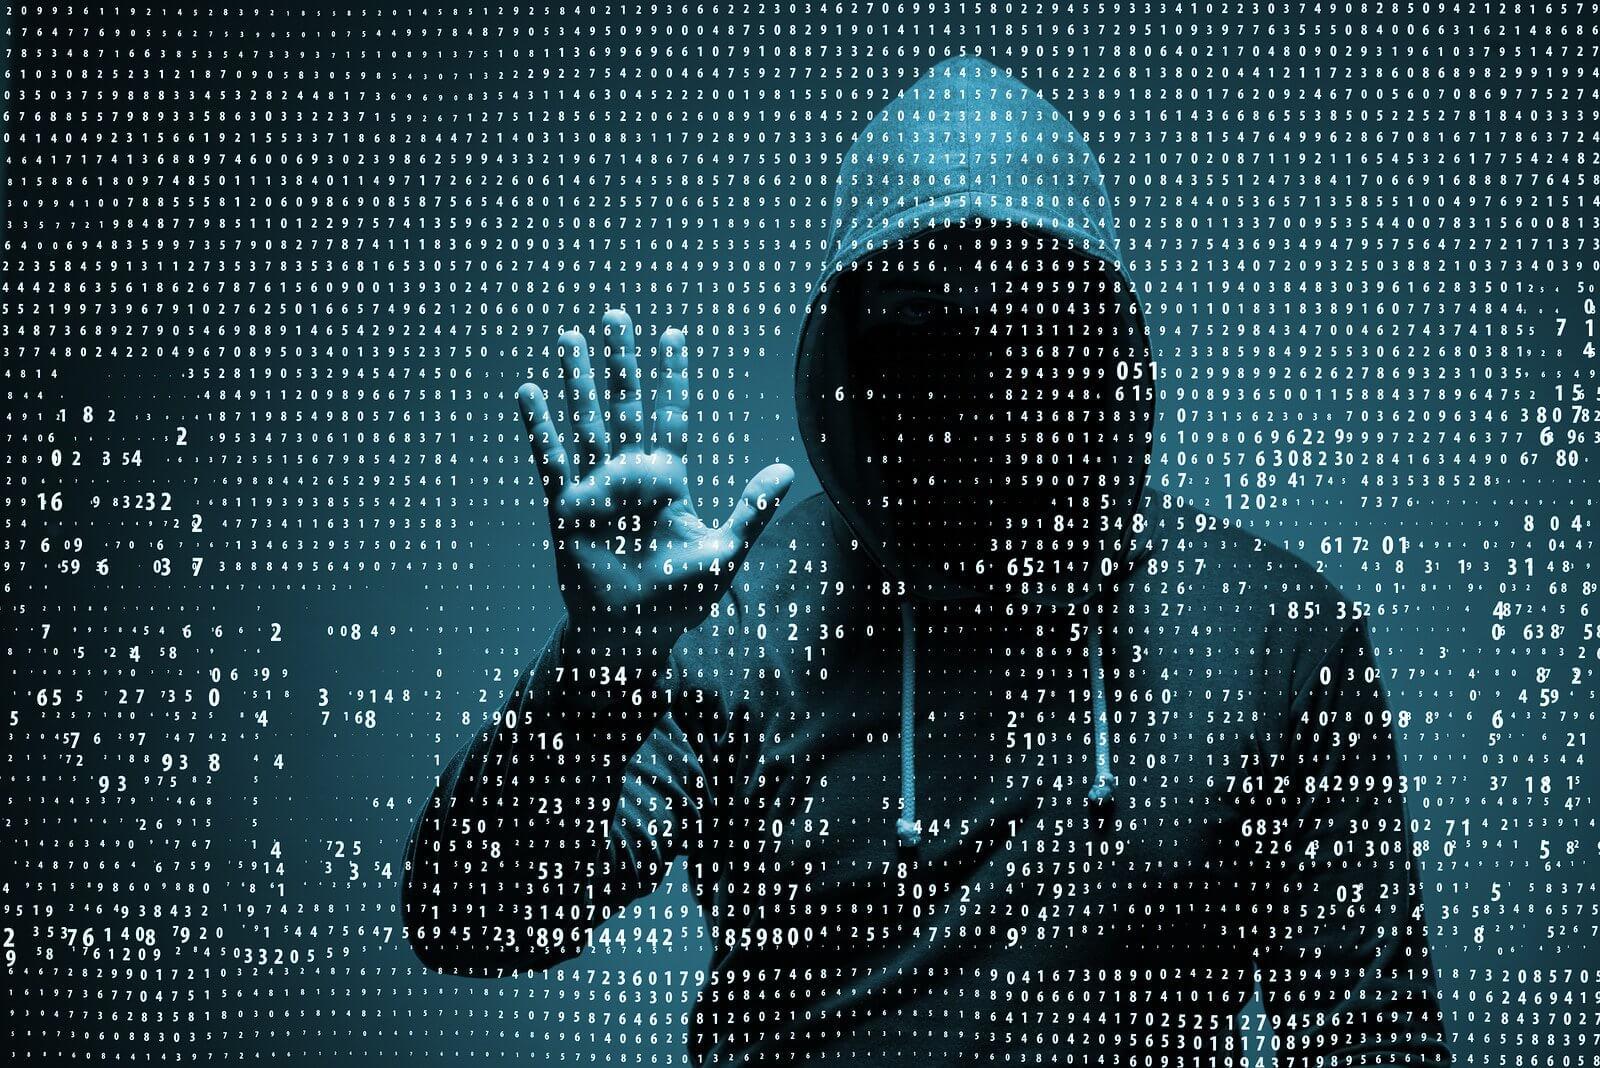 hacker security capa - Confira se seu roteador está na lista dos afetados pelo GhostDNS